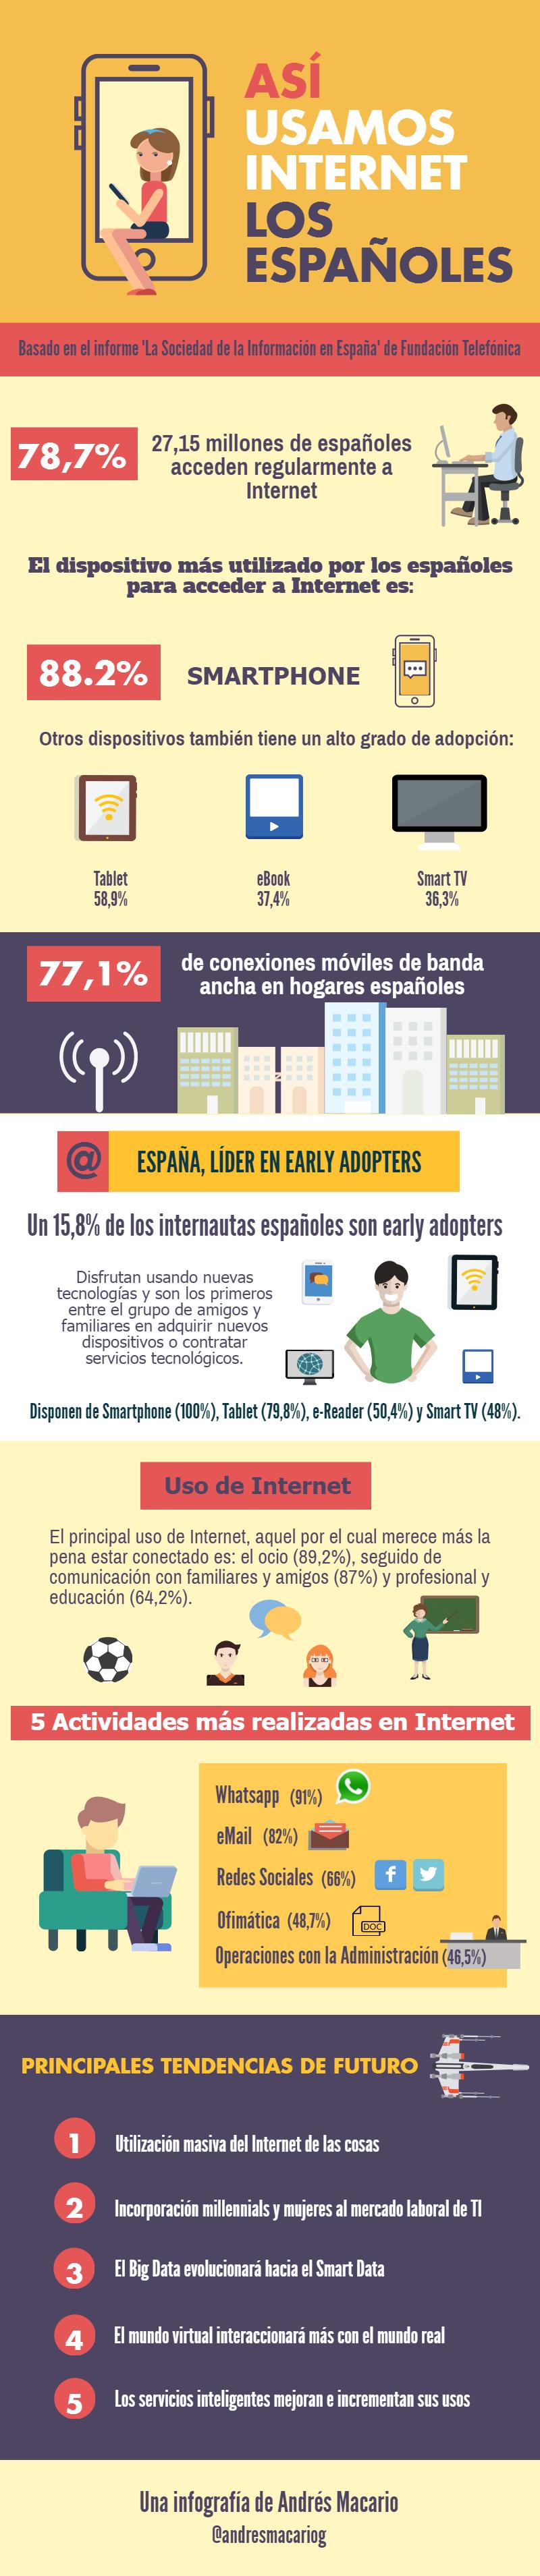 Asi usamos-Internet los-espanoles - Infografia Andres Macario